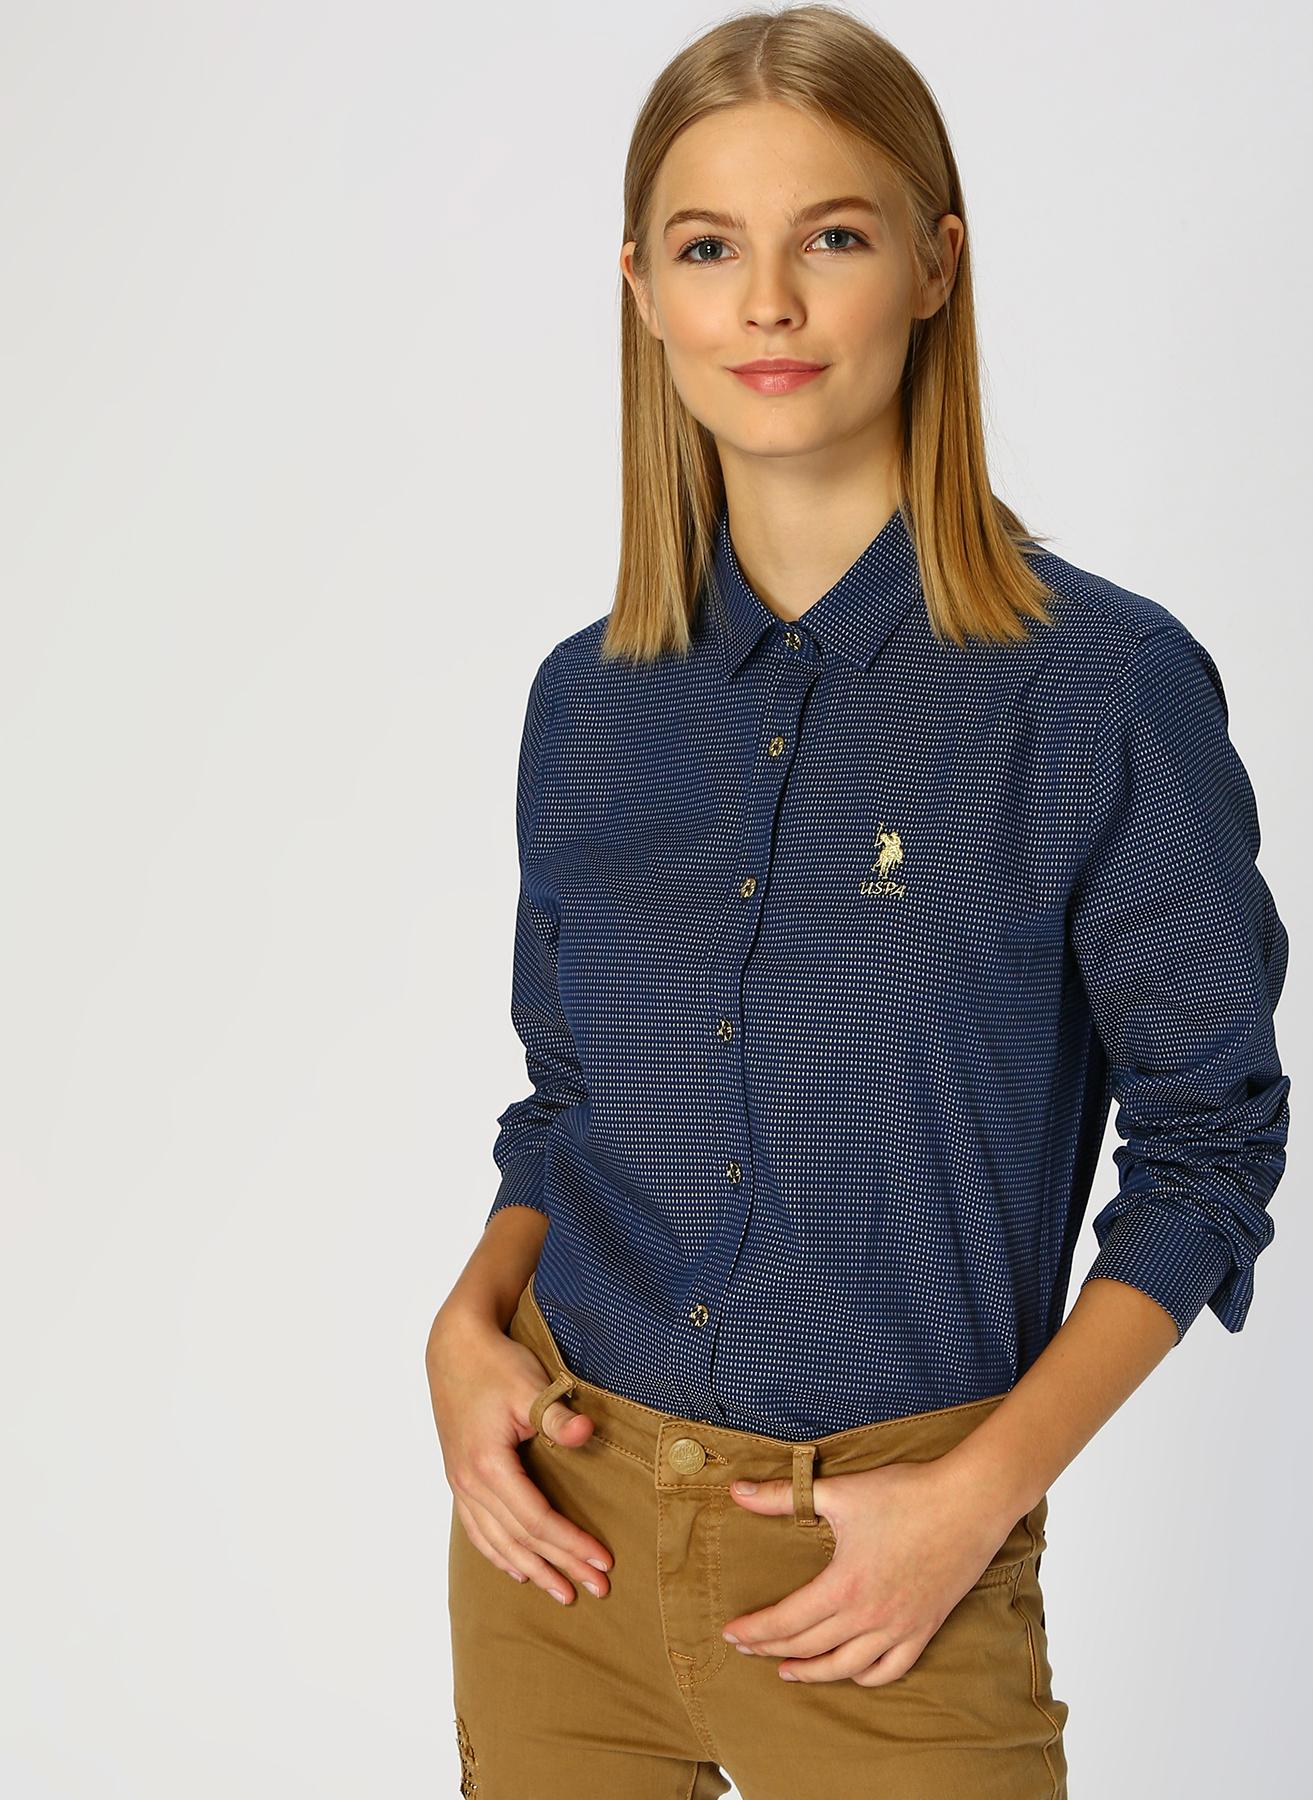 U.S. Polo Assn. Koyu Lacivert Gömlek 40 5001733290005 Ürün Resmi